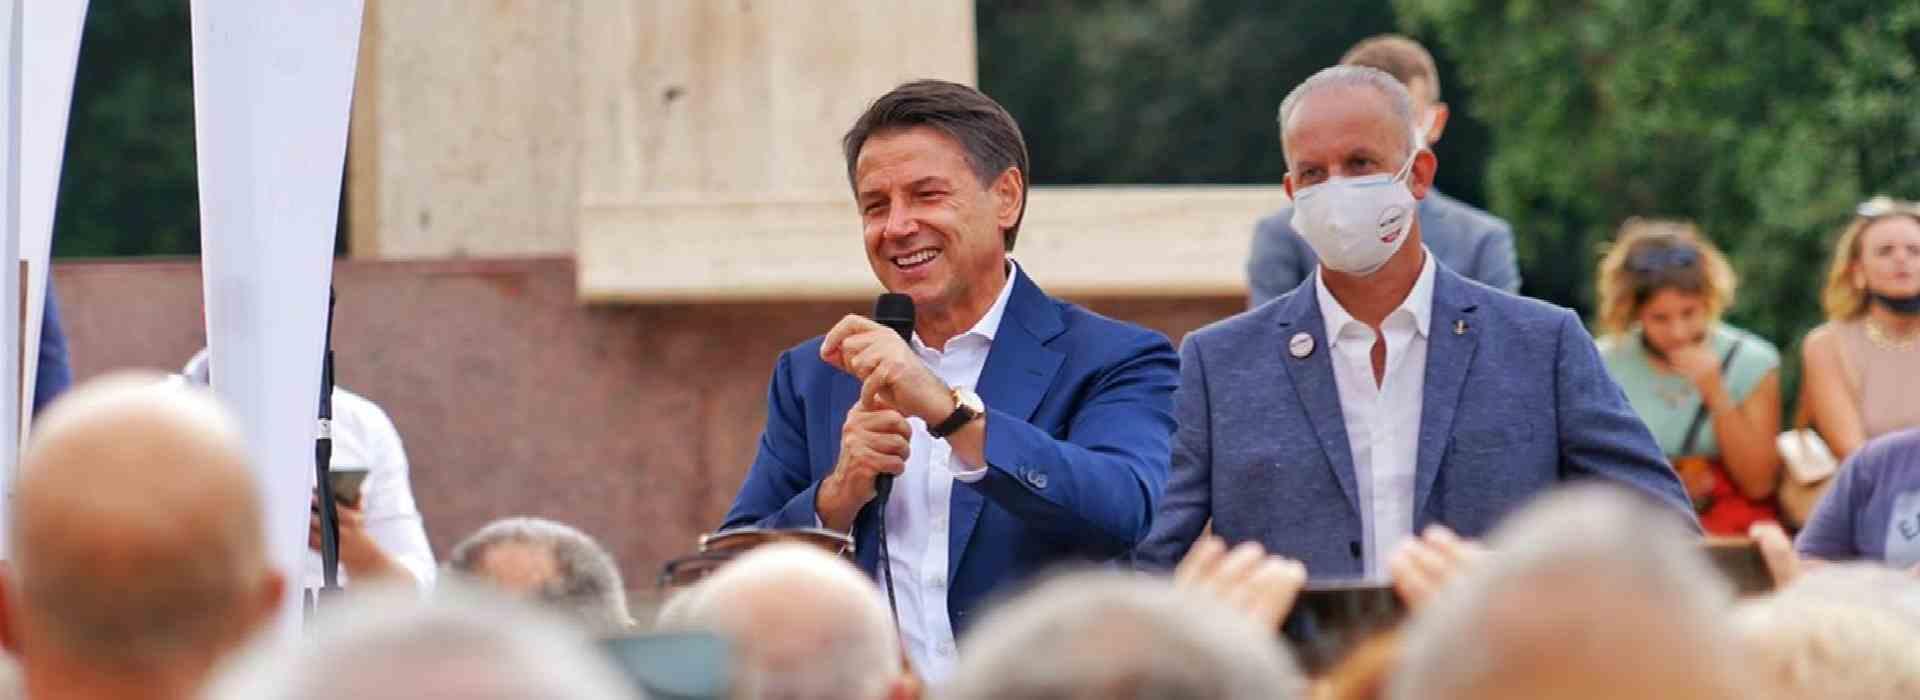 Conte, le pacche sulle spalle con Centofanti e Di Marzio e la curatrice fallimentare della clinica Villa Pini